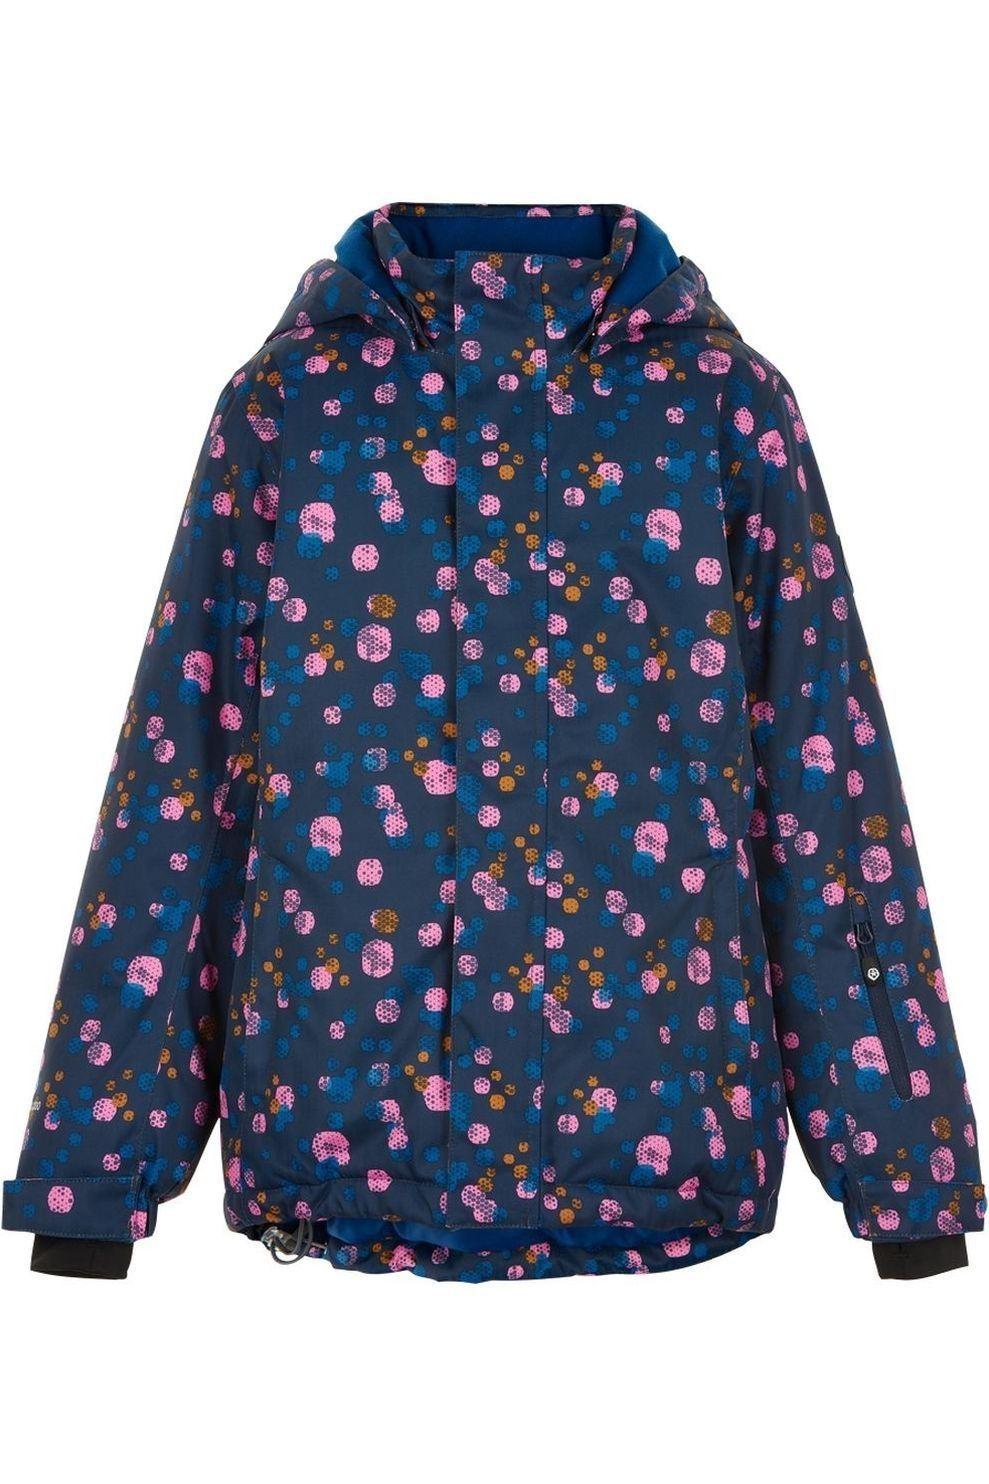 Color Kids Jas Ski Aop, Af 10.000 voor meisjes - Blauw/Roze - Maten: 92, 98, 104, 116, 128